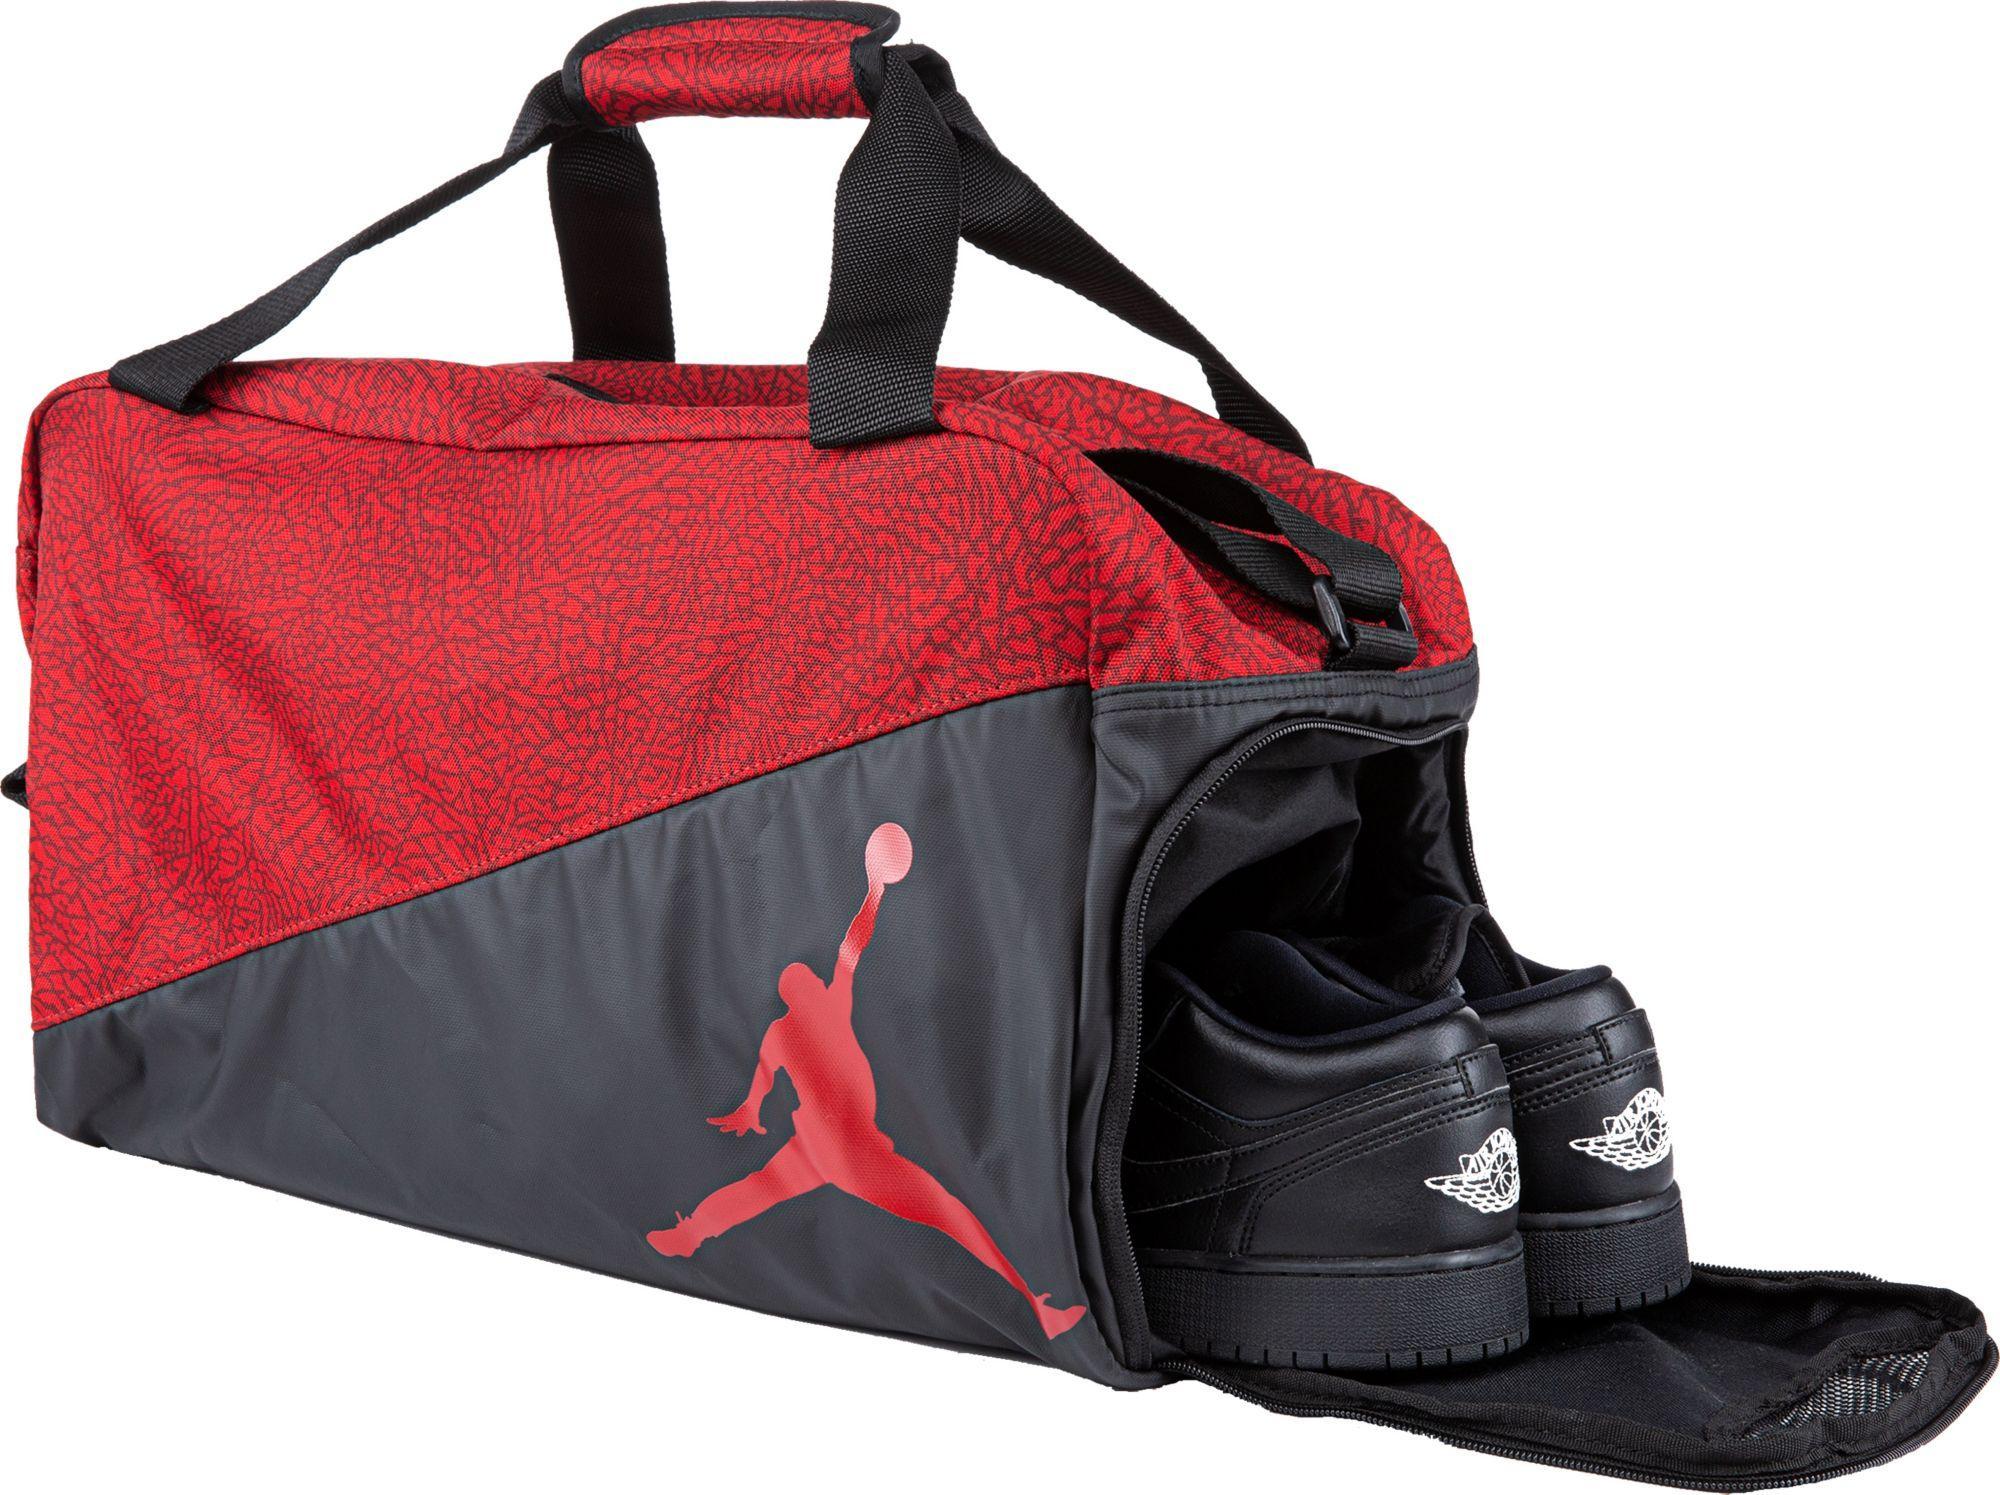 497705d98187 Nike - Red Elemental Medium Duffle Bag for Men - Lyst. View fullscreen